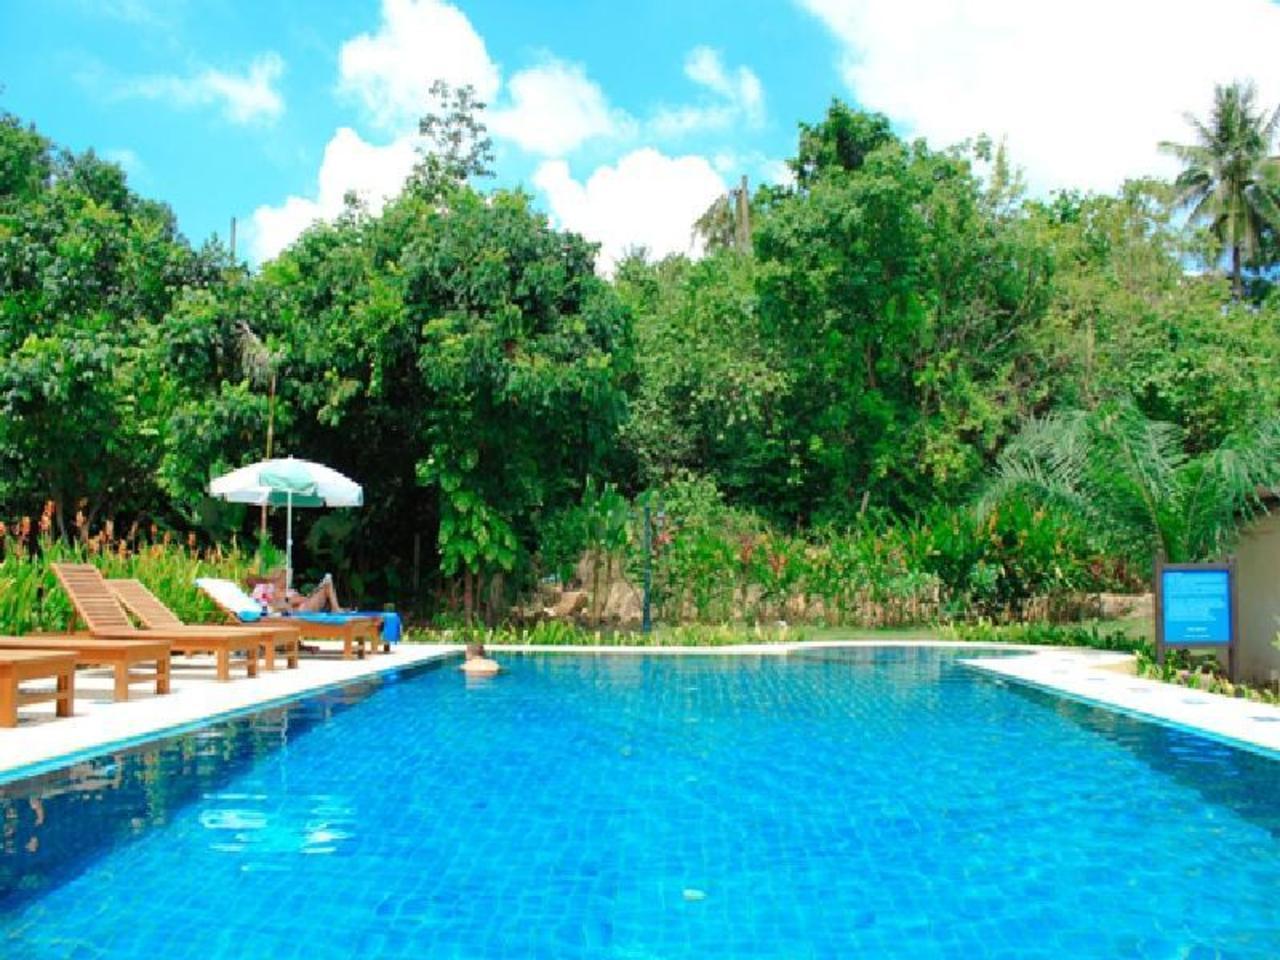 บ้านร่มไม้ รีสอร์ท (Baan Rom Mai Resort)